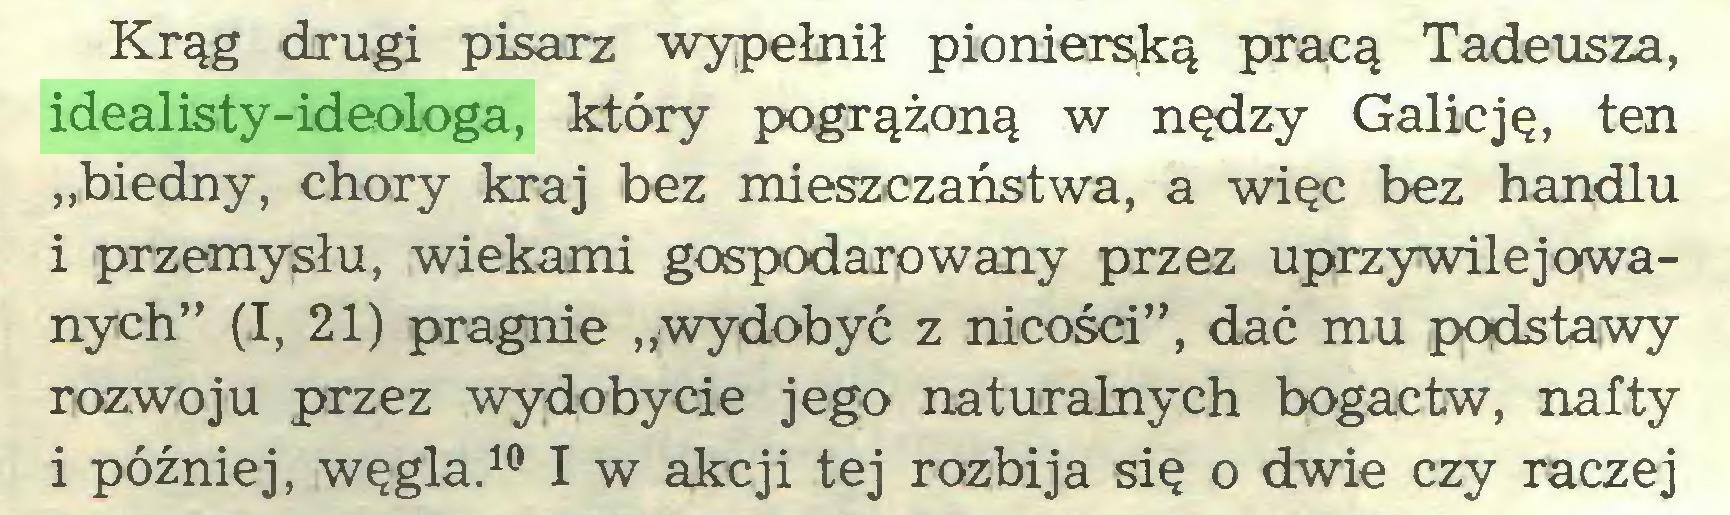 """(...) Krąg drugi pisarz wypełnił pionierską pracą Tadeusza, idealisty-ideologa, który pogrążoną w nędzy Galicję, ten """"biedny, chory kraj bez mieszczaństwa, a więc bez handlu i przemysłu, wiekami gospodarowany przez uprzywilejowanych"""" (I, 21) pragnie """"wydobyć z nicości"""", dać mu podstawy rozwoju przez wydobycie jego naturalnych bogactw, nafty i później, węgla.10 I w akcji tej rozbija się o dwie czy raczej..."""